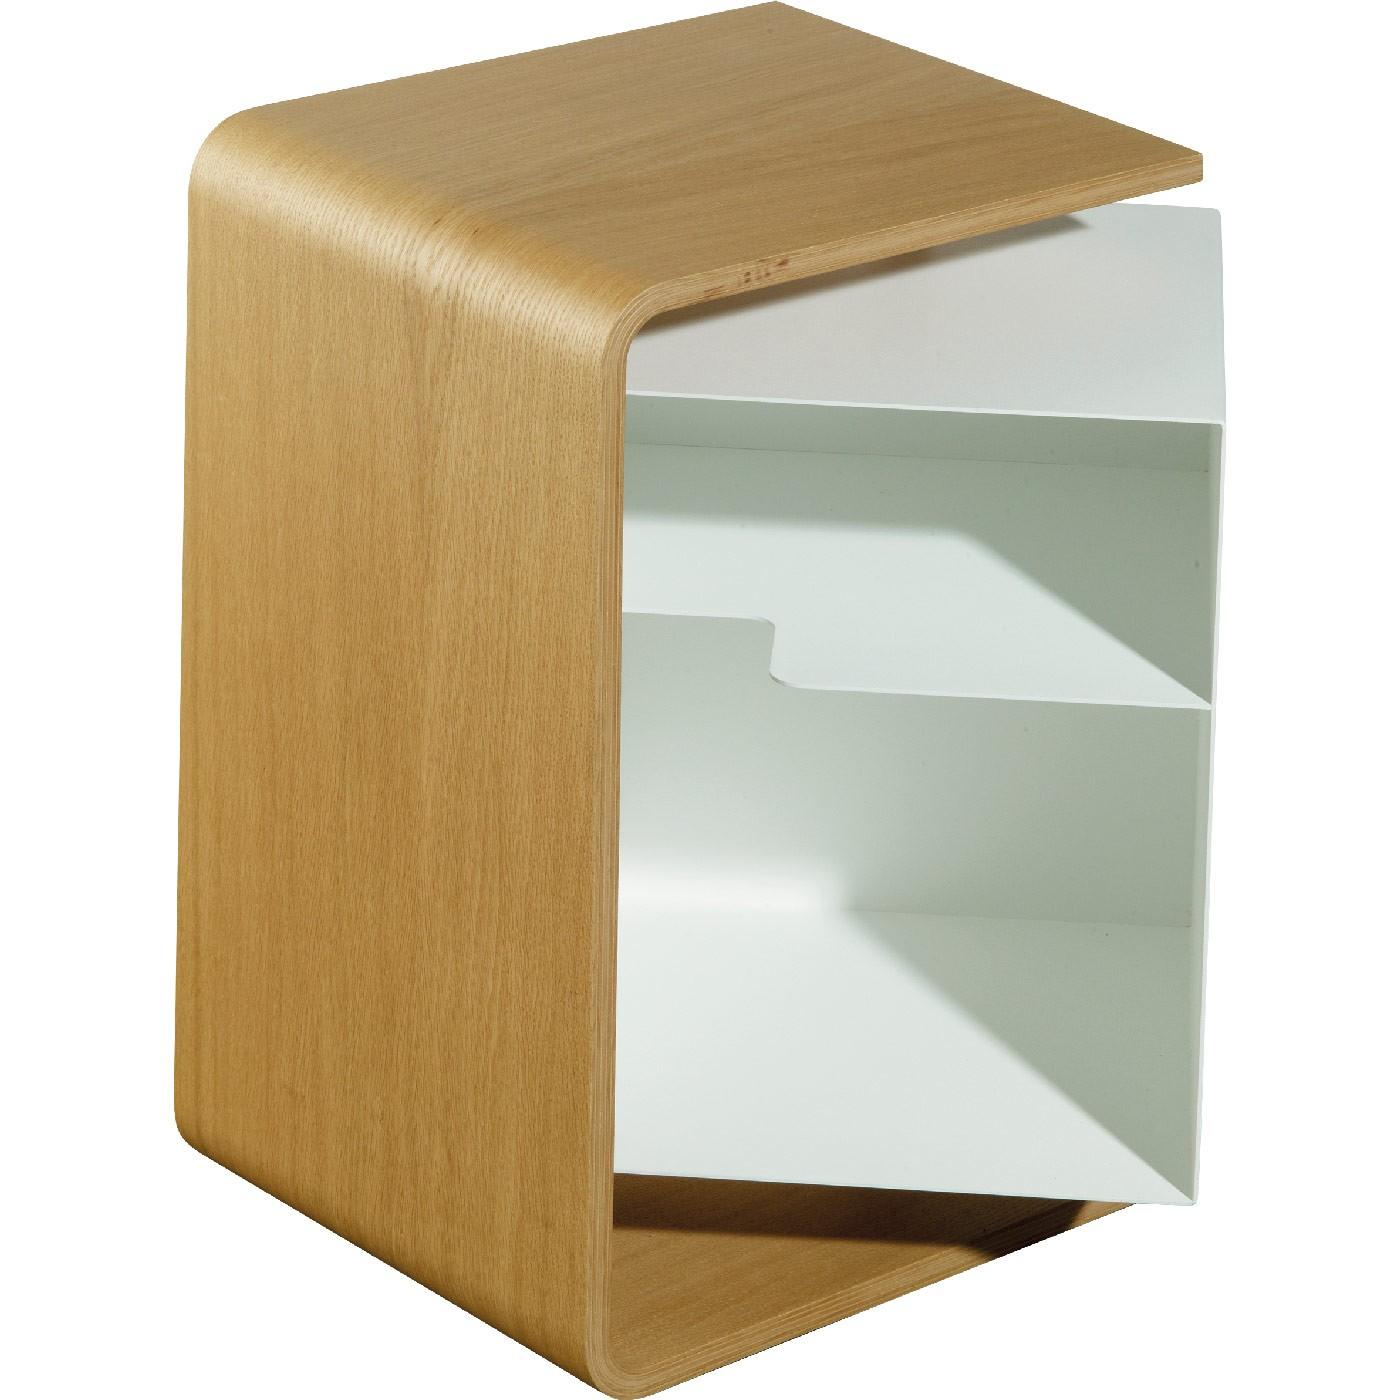 beistelltisch pieperconcept caru eiche. Black Bedroom Furniture Sets. Home Design Ideas